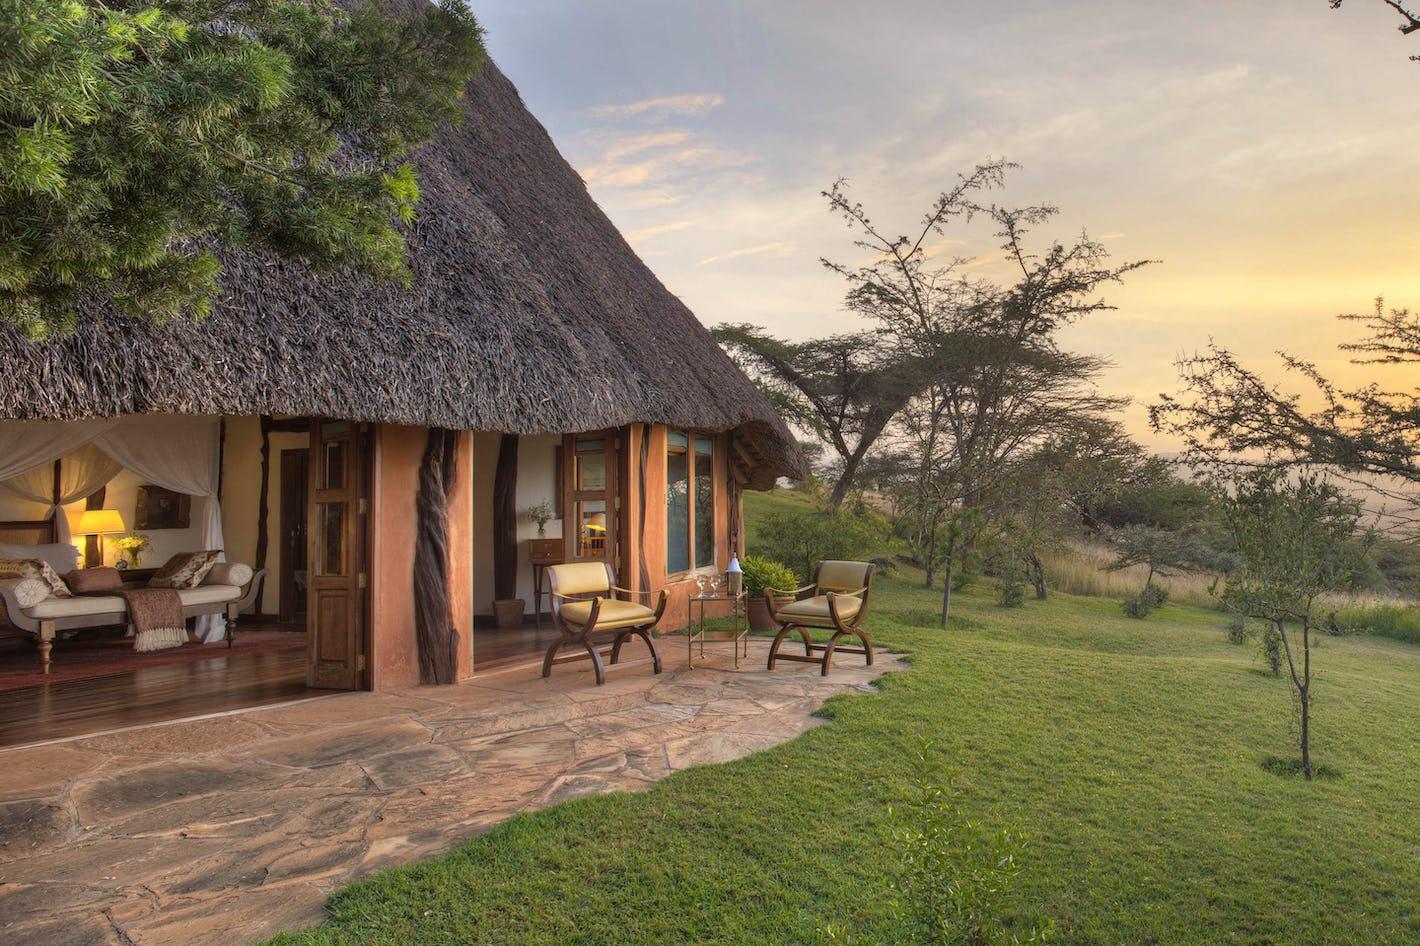 Elewana kifaru house